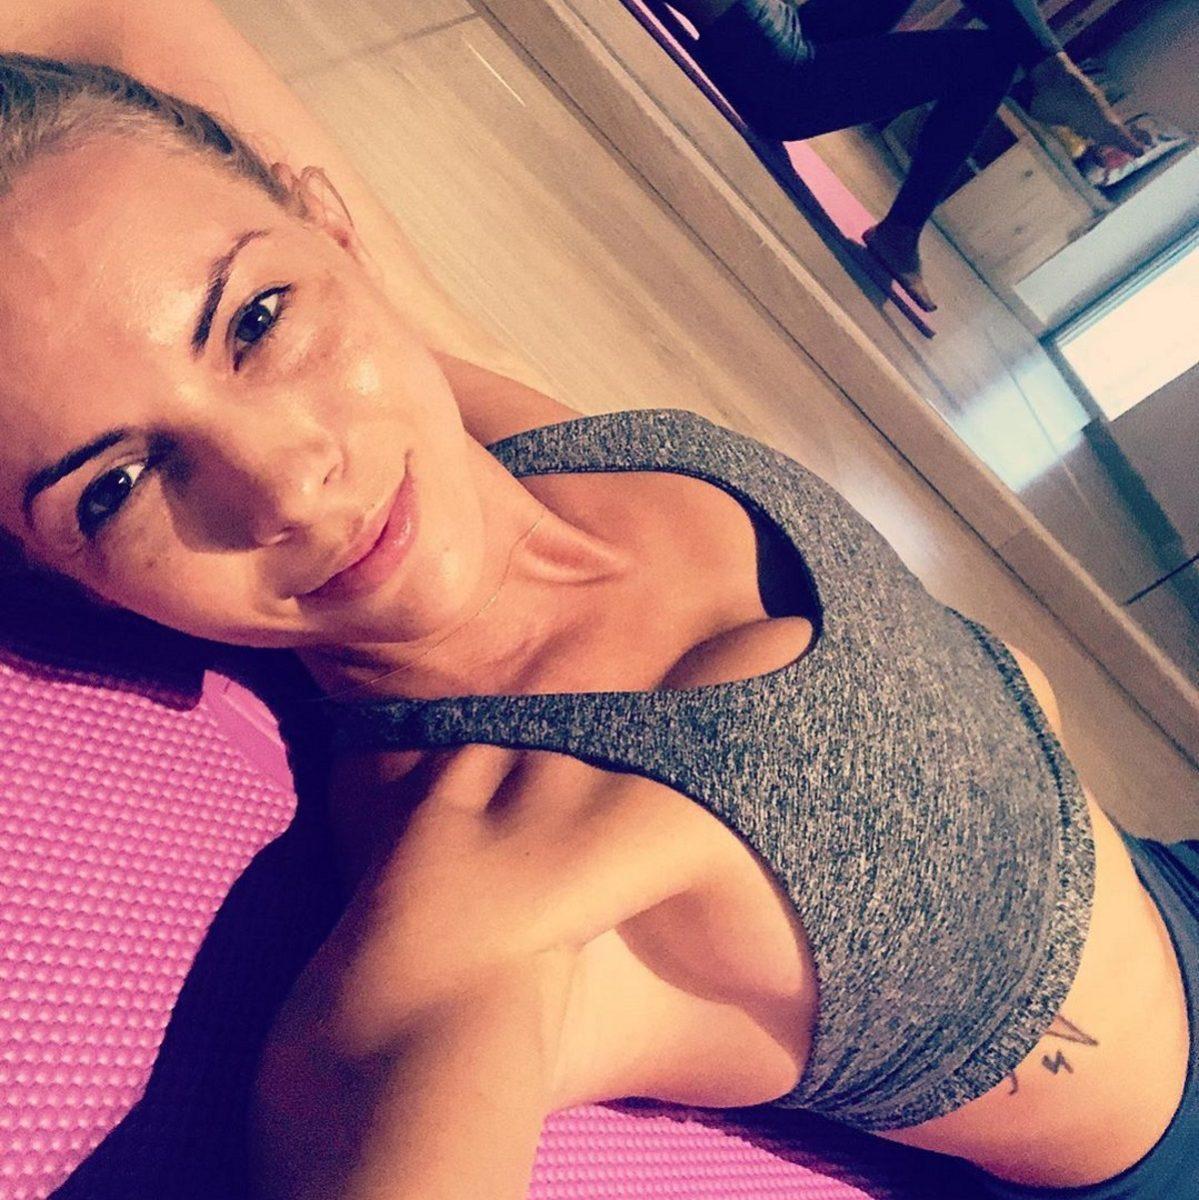 Μαρία Λουίζα Βούρου: Κάνει pilates… έχοντας για παρέα τον 11 μηνών γιο της! [pic,vid] | tlife.gr